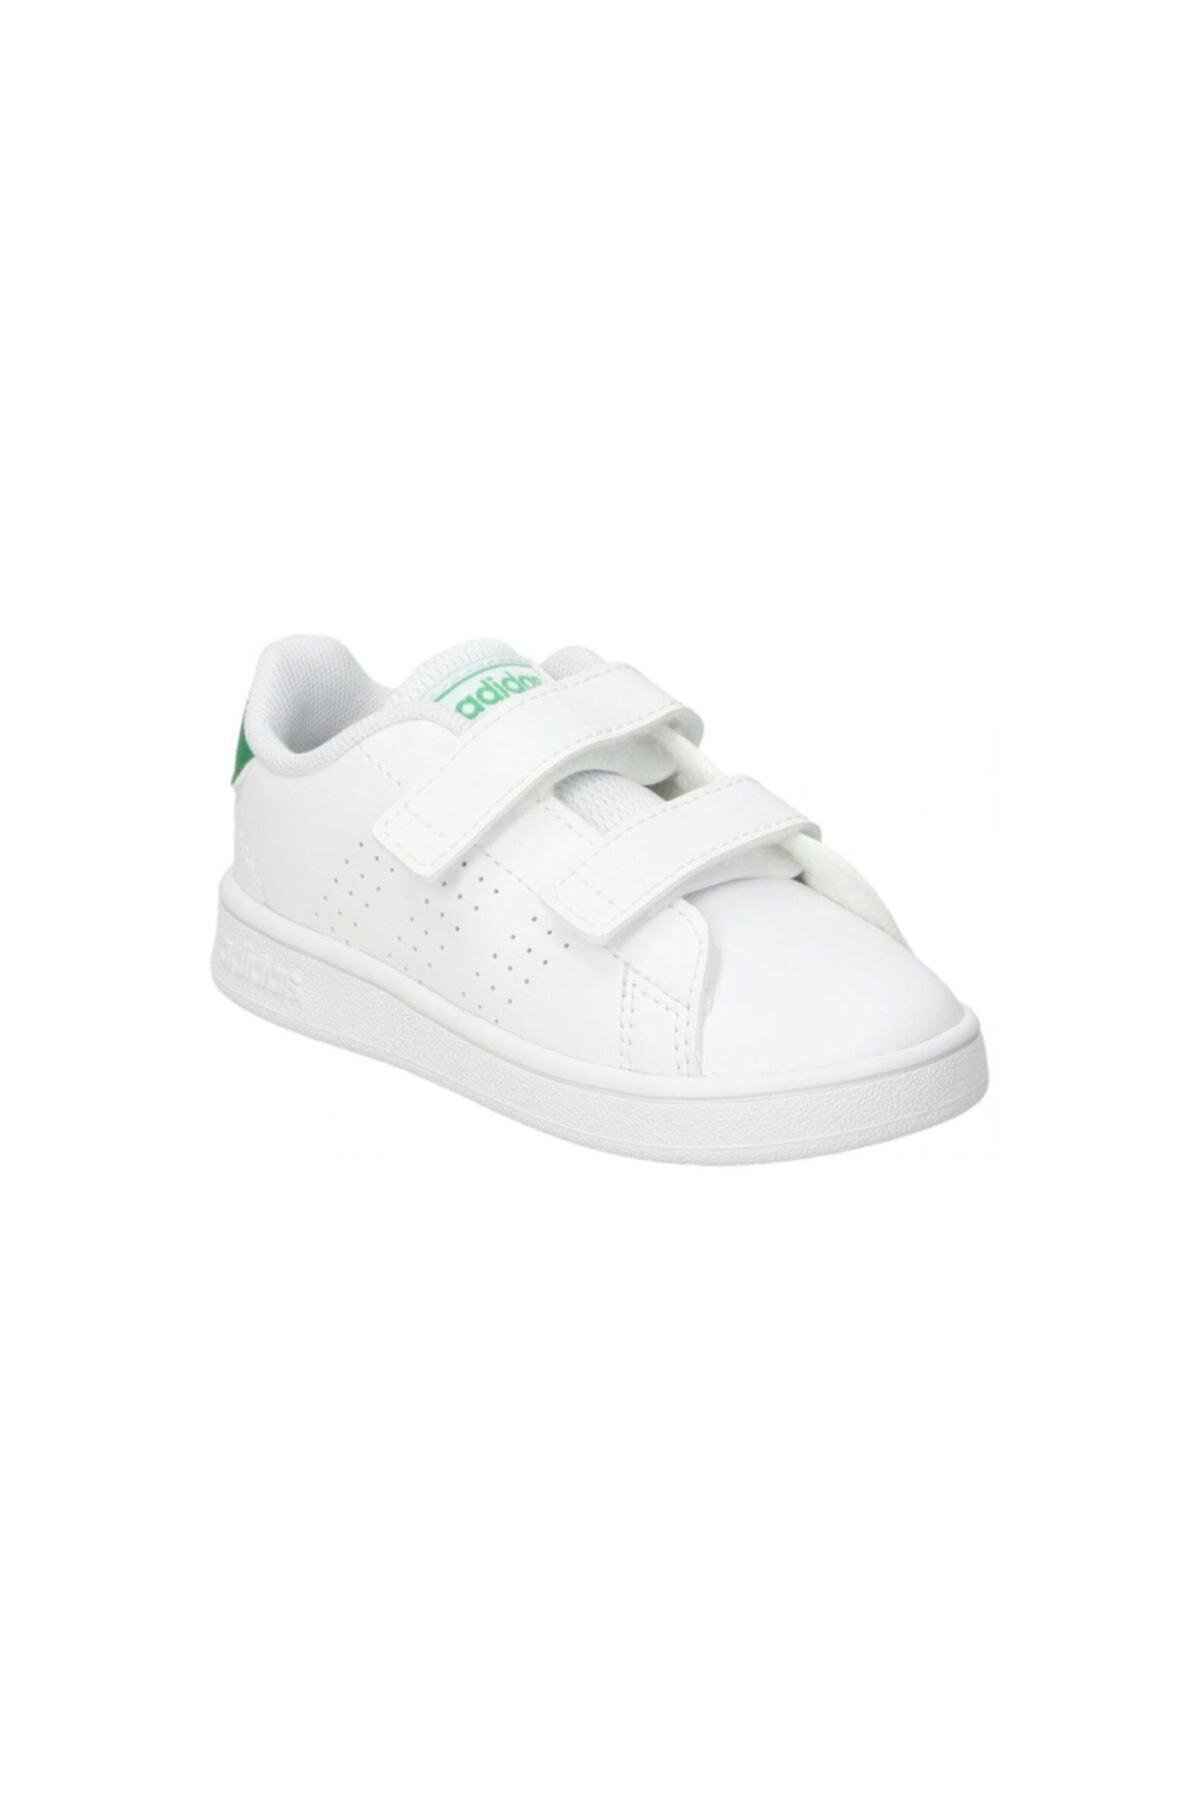 adidas ADVANTAGE I Beyaz Erkek Çocuk Sneaker Ayakkabı 100481638 2